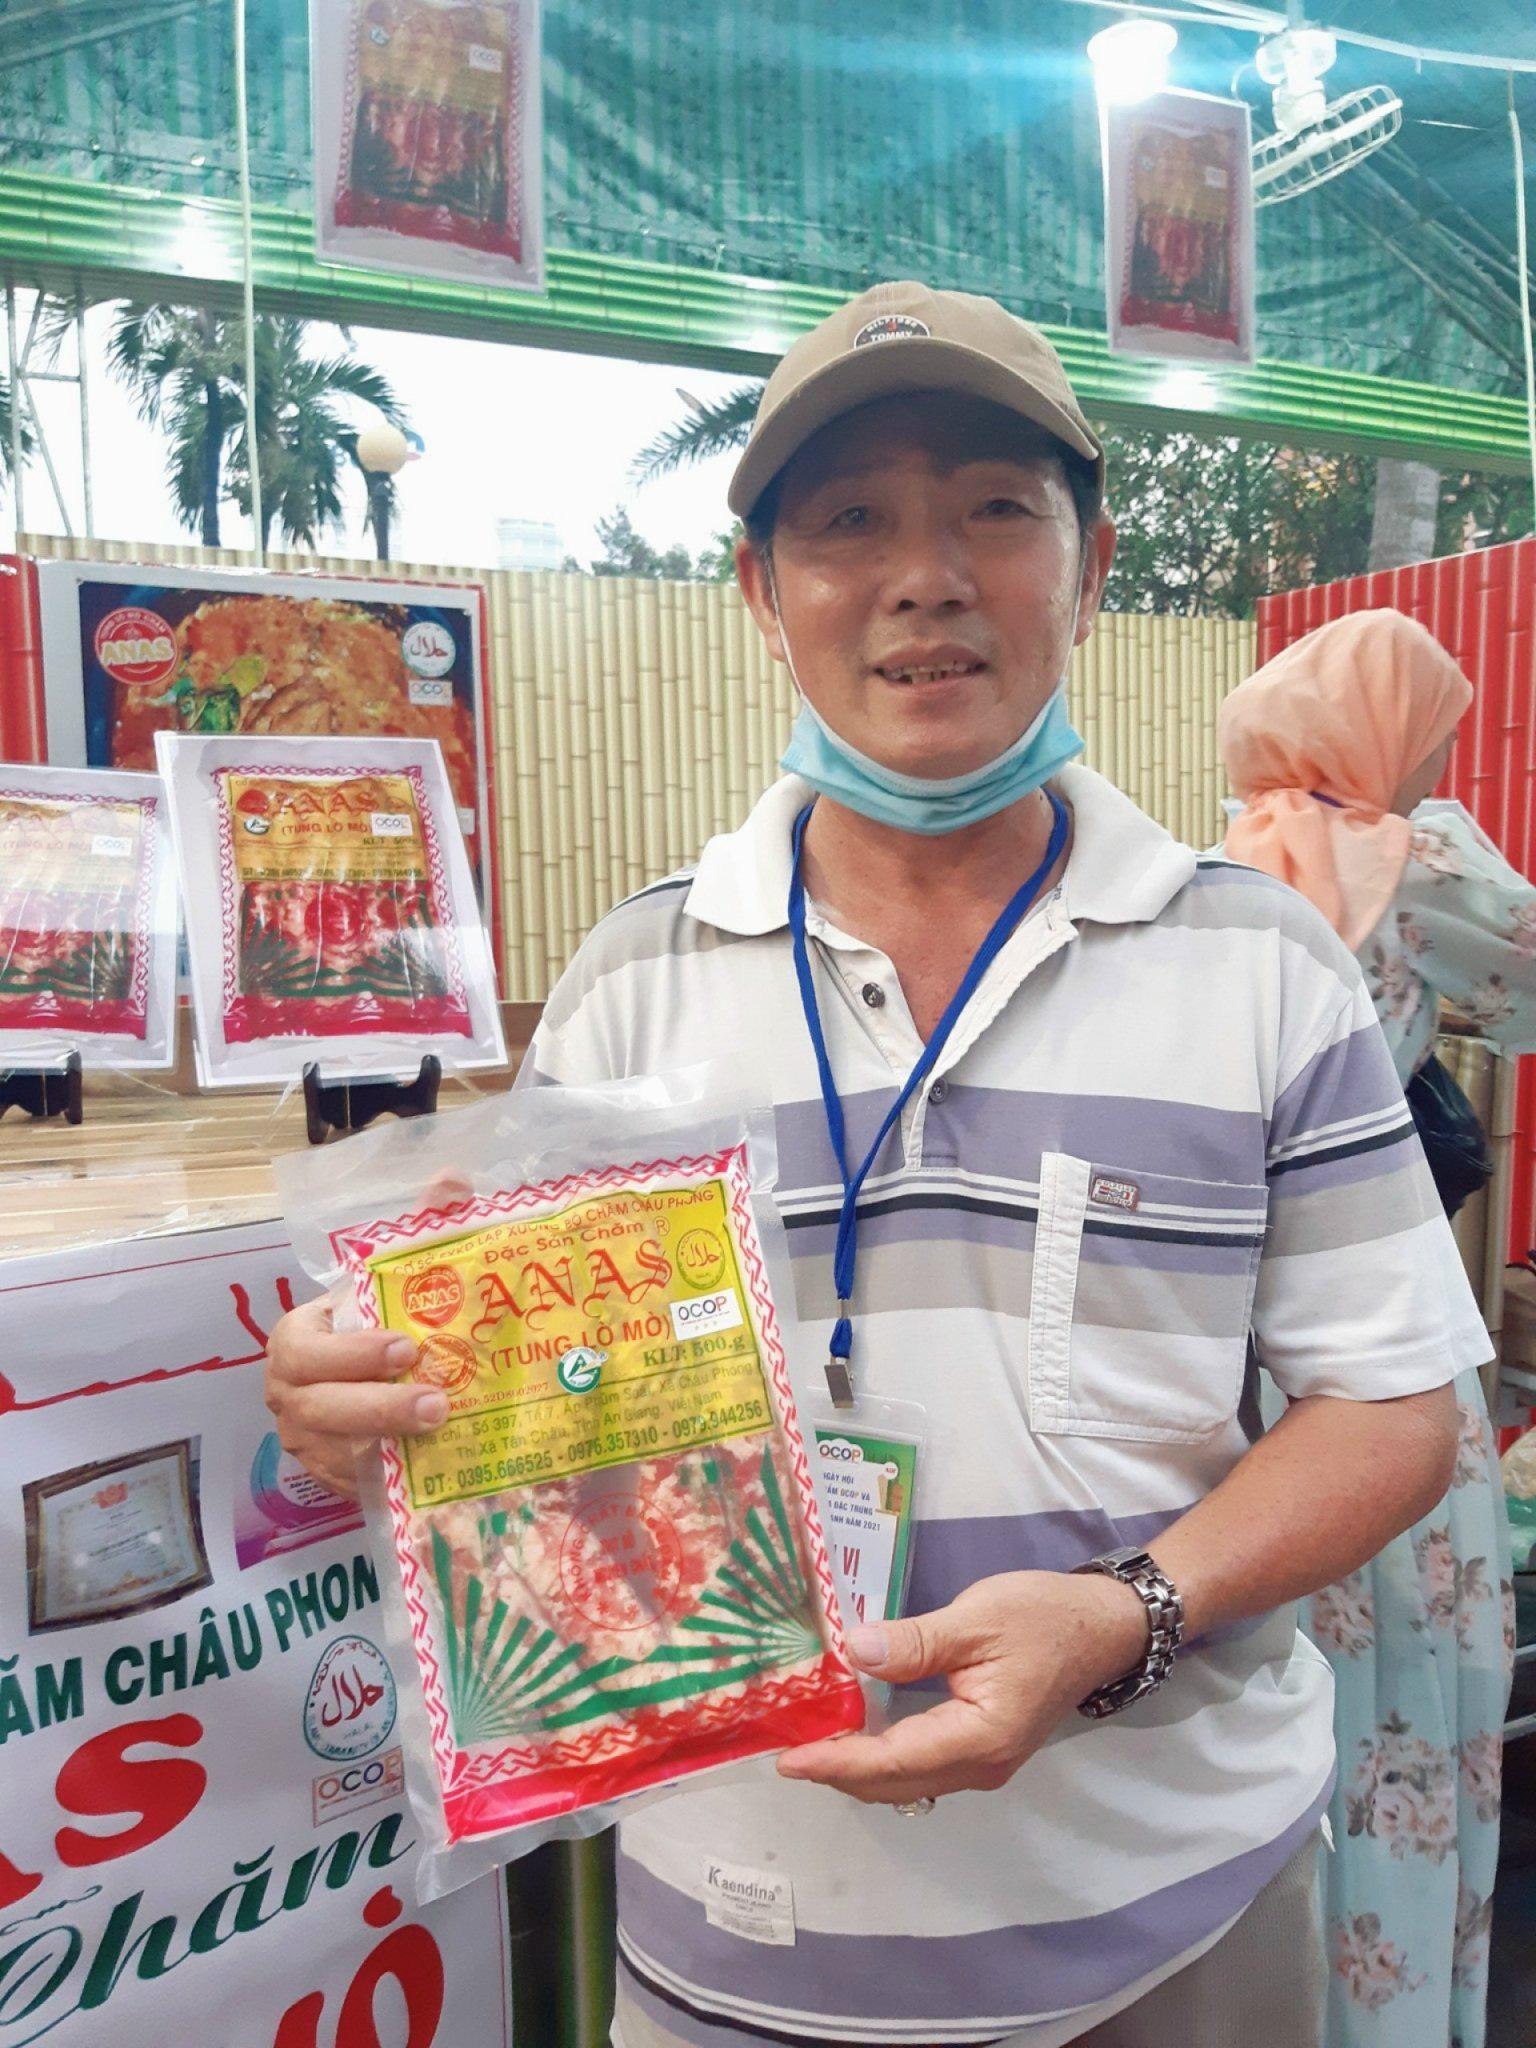 Tung lò mò-đặc sản của người Chăm vừa được chọn là 1 trong 6 sản phẩm OCOP đầu tiên của tỉnh An Giang